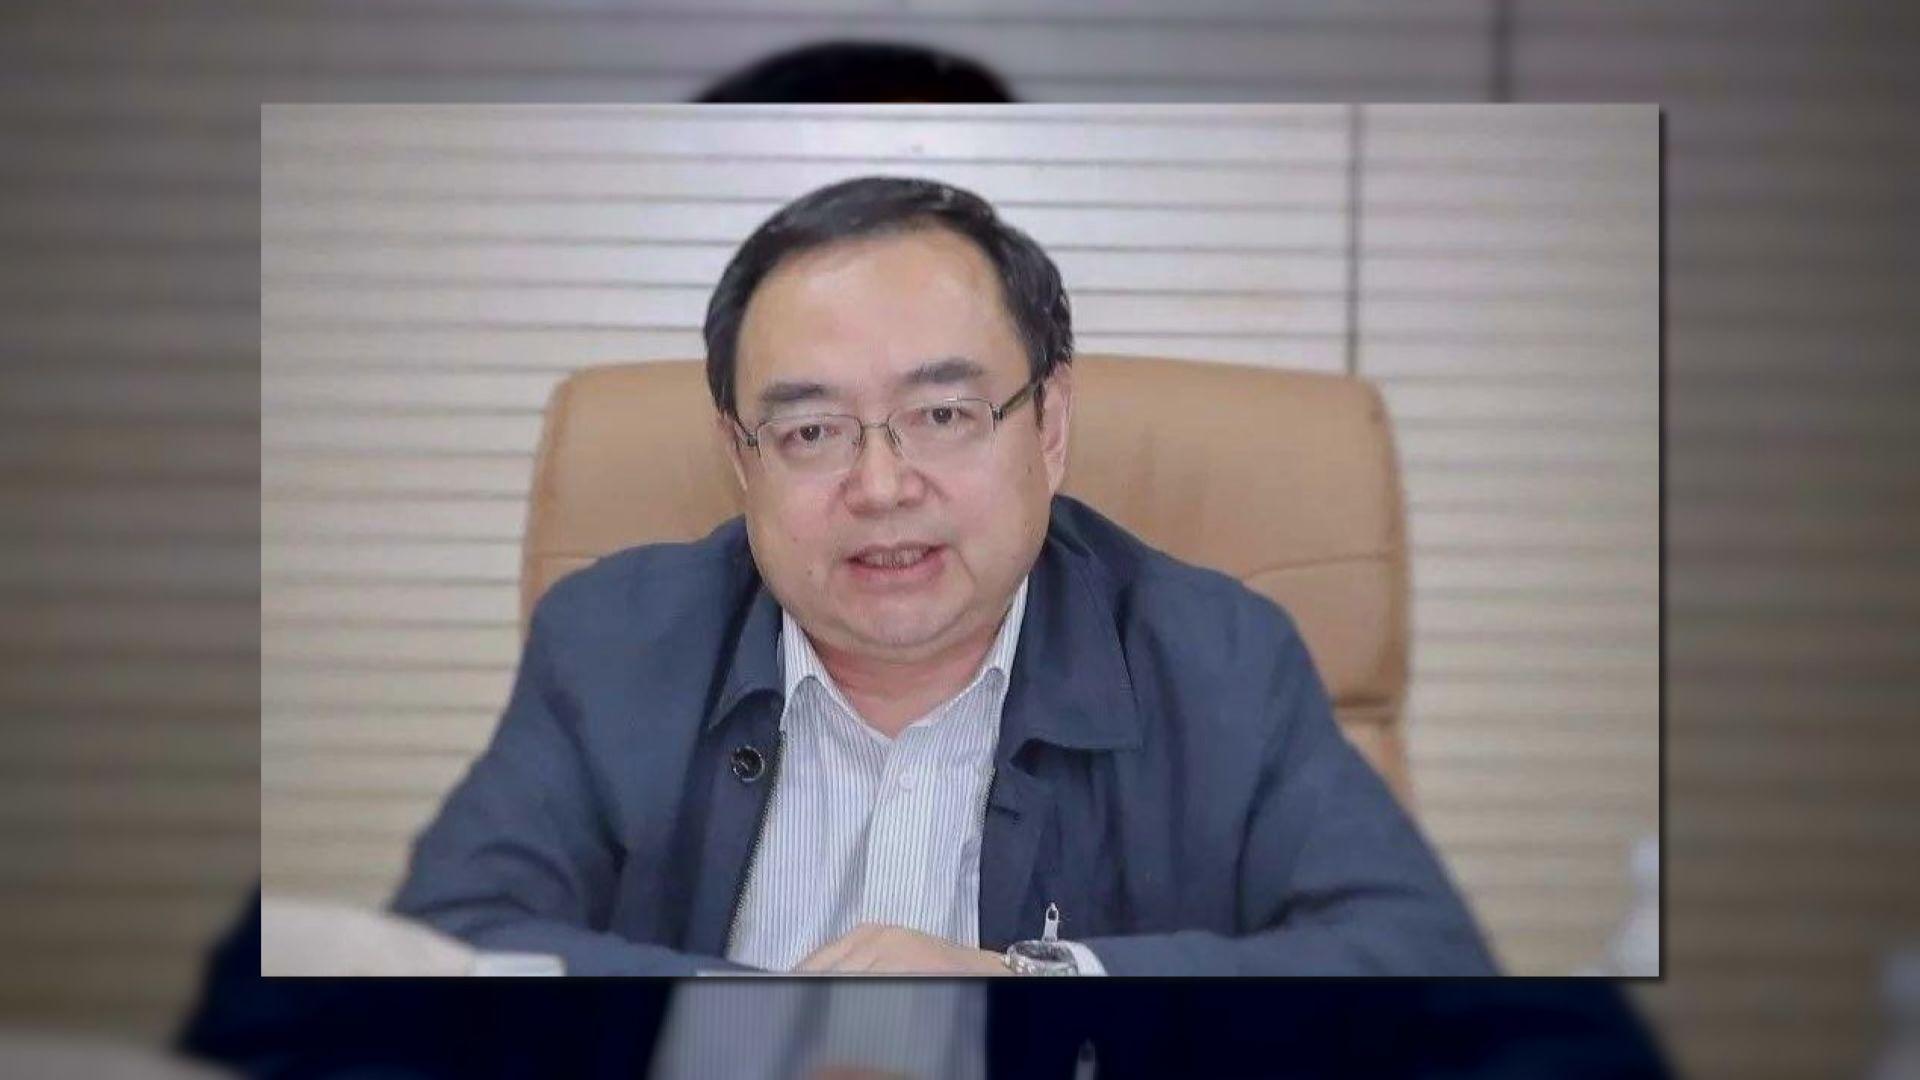 青島爆新冠病毒疫情 兩官員被停職或免職接受調查